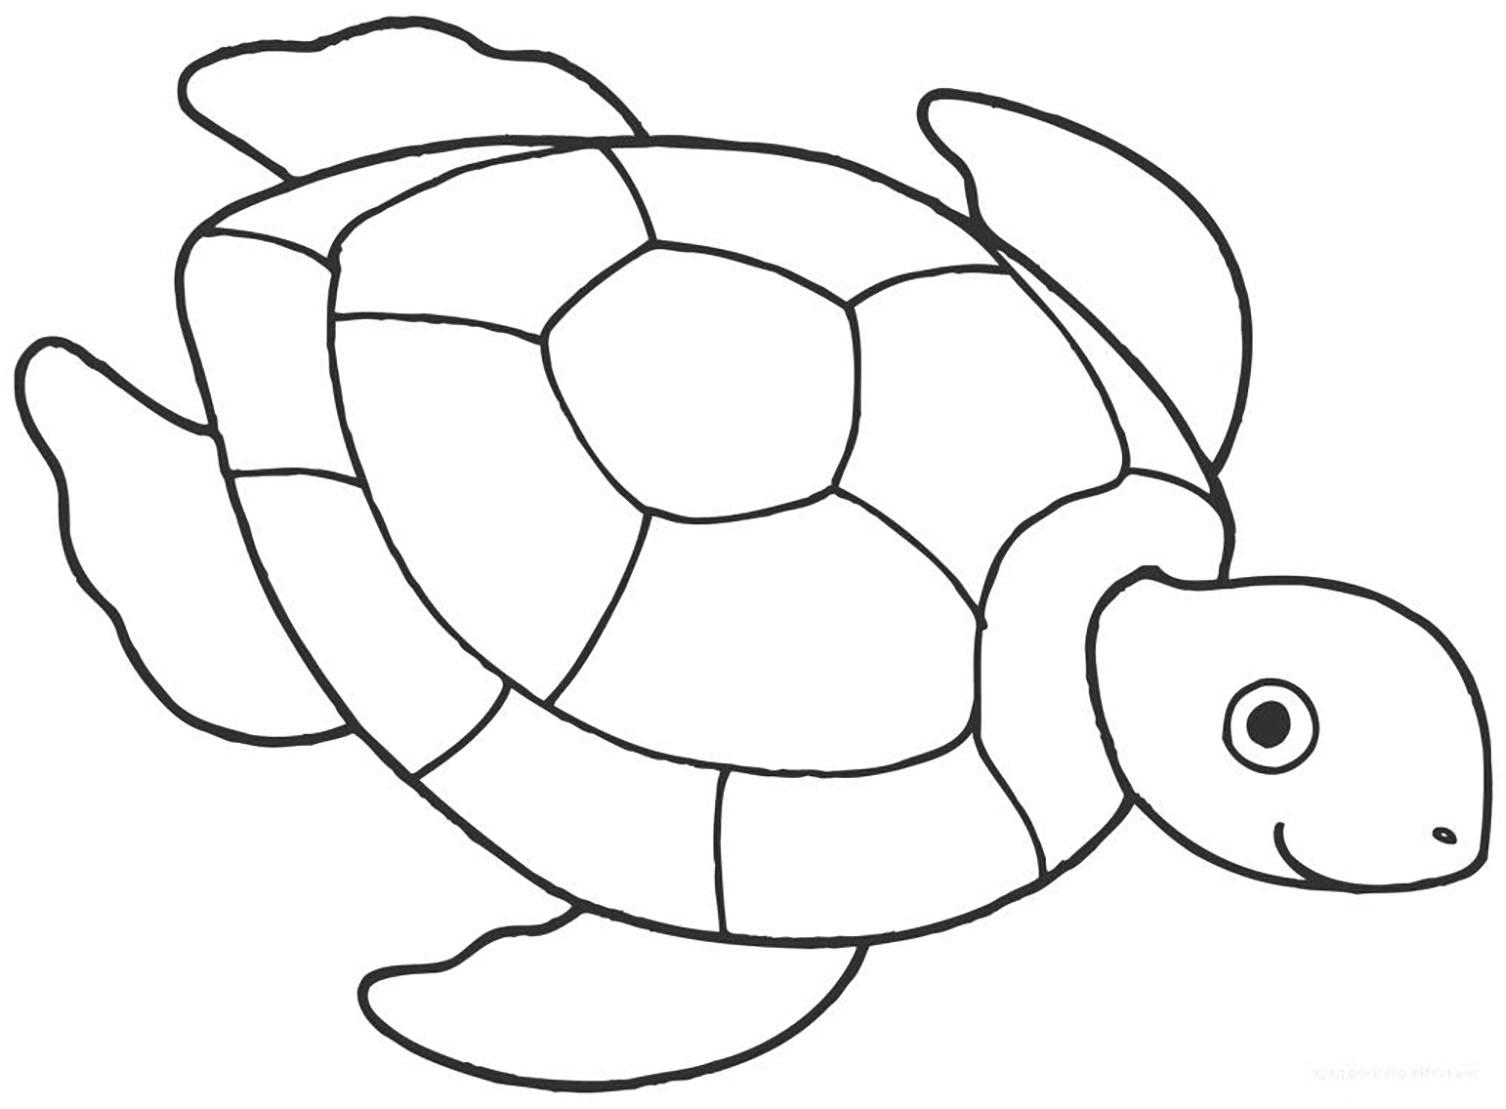 Coloriage de tortue simple pour enfants